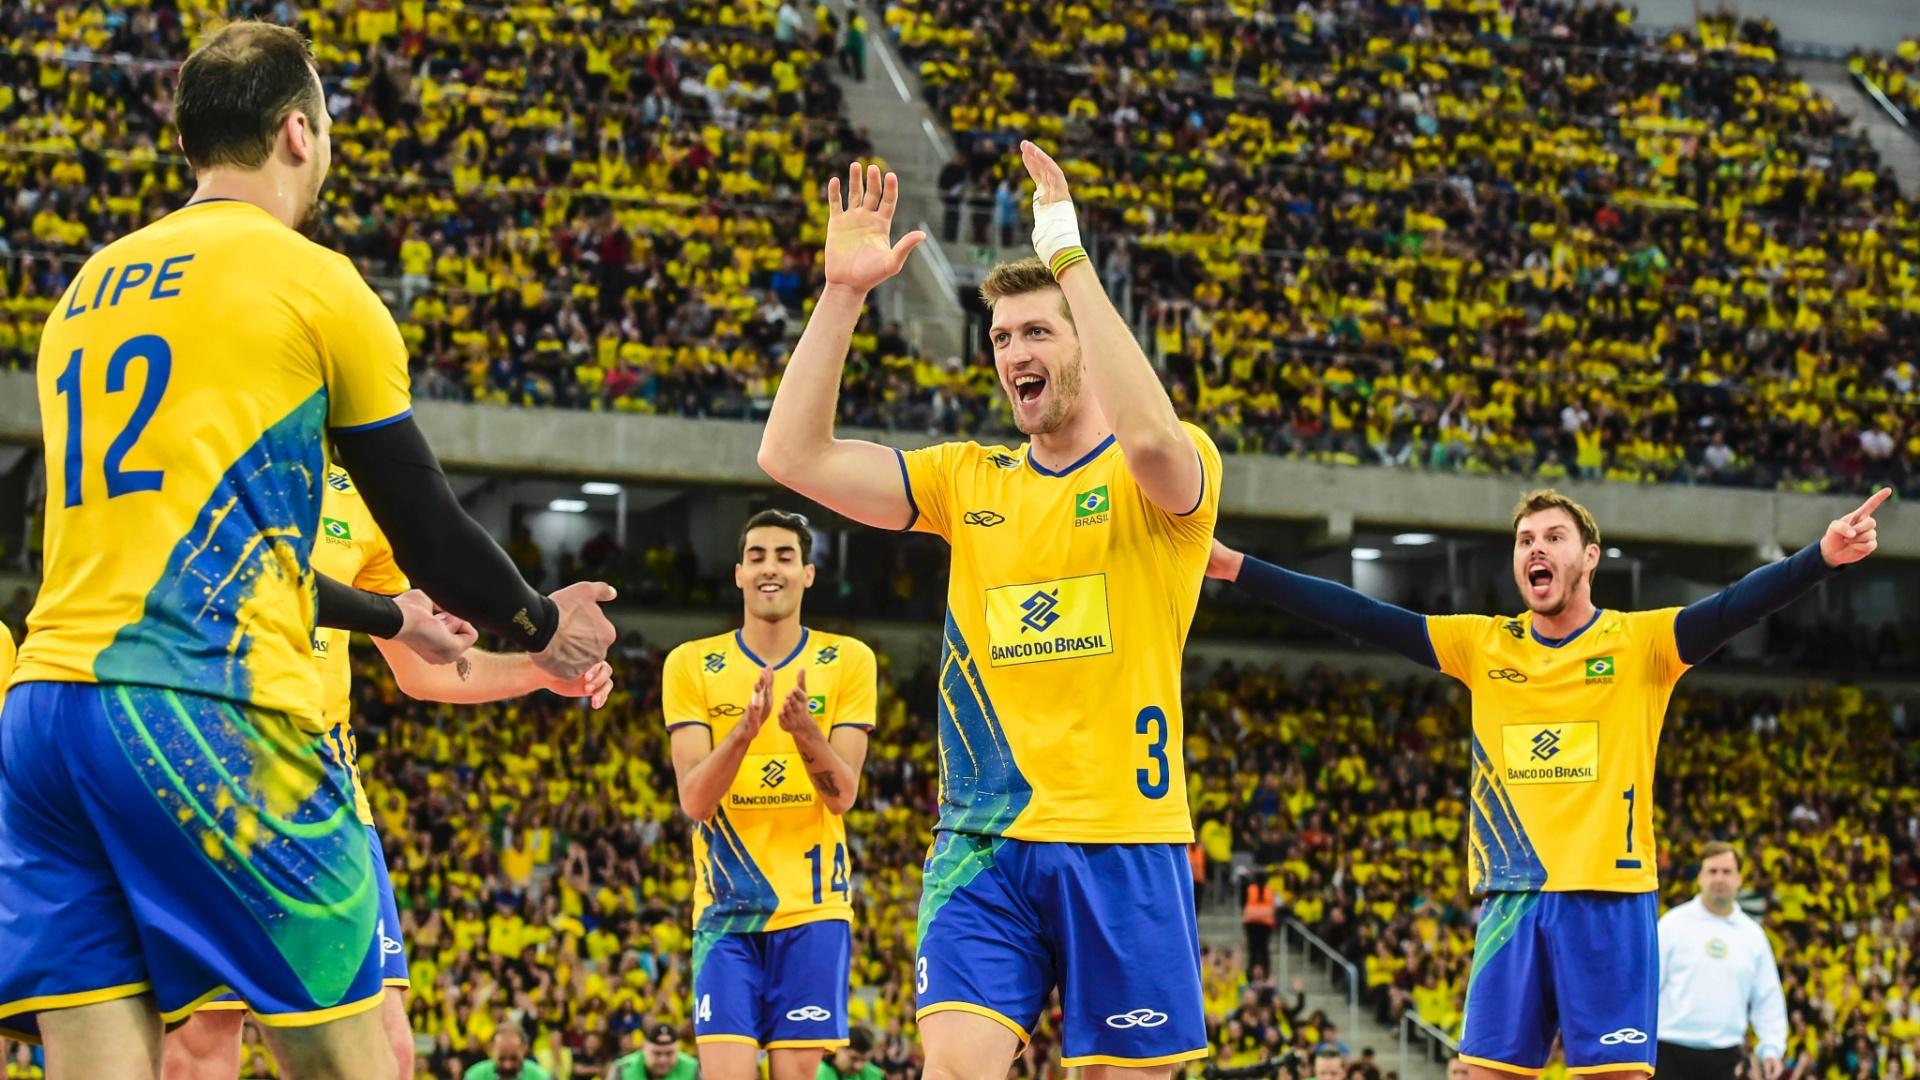 Jogadores da seleção brasileira de vôlei comemoram ponto conquistado contra Portugal